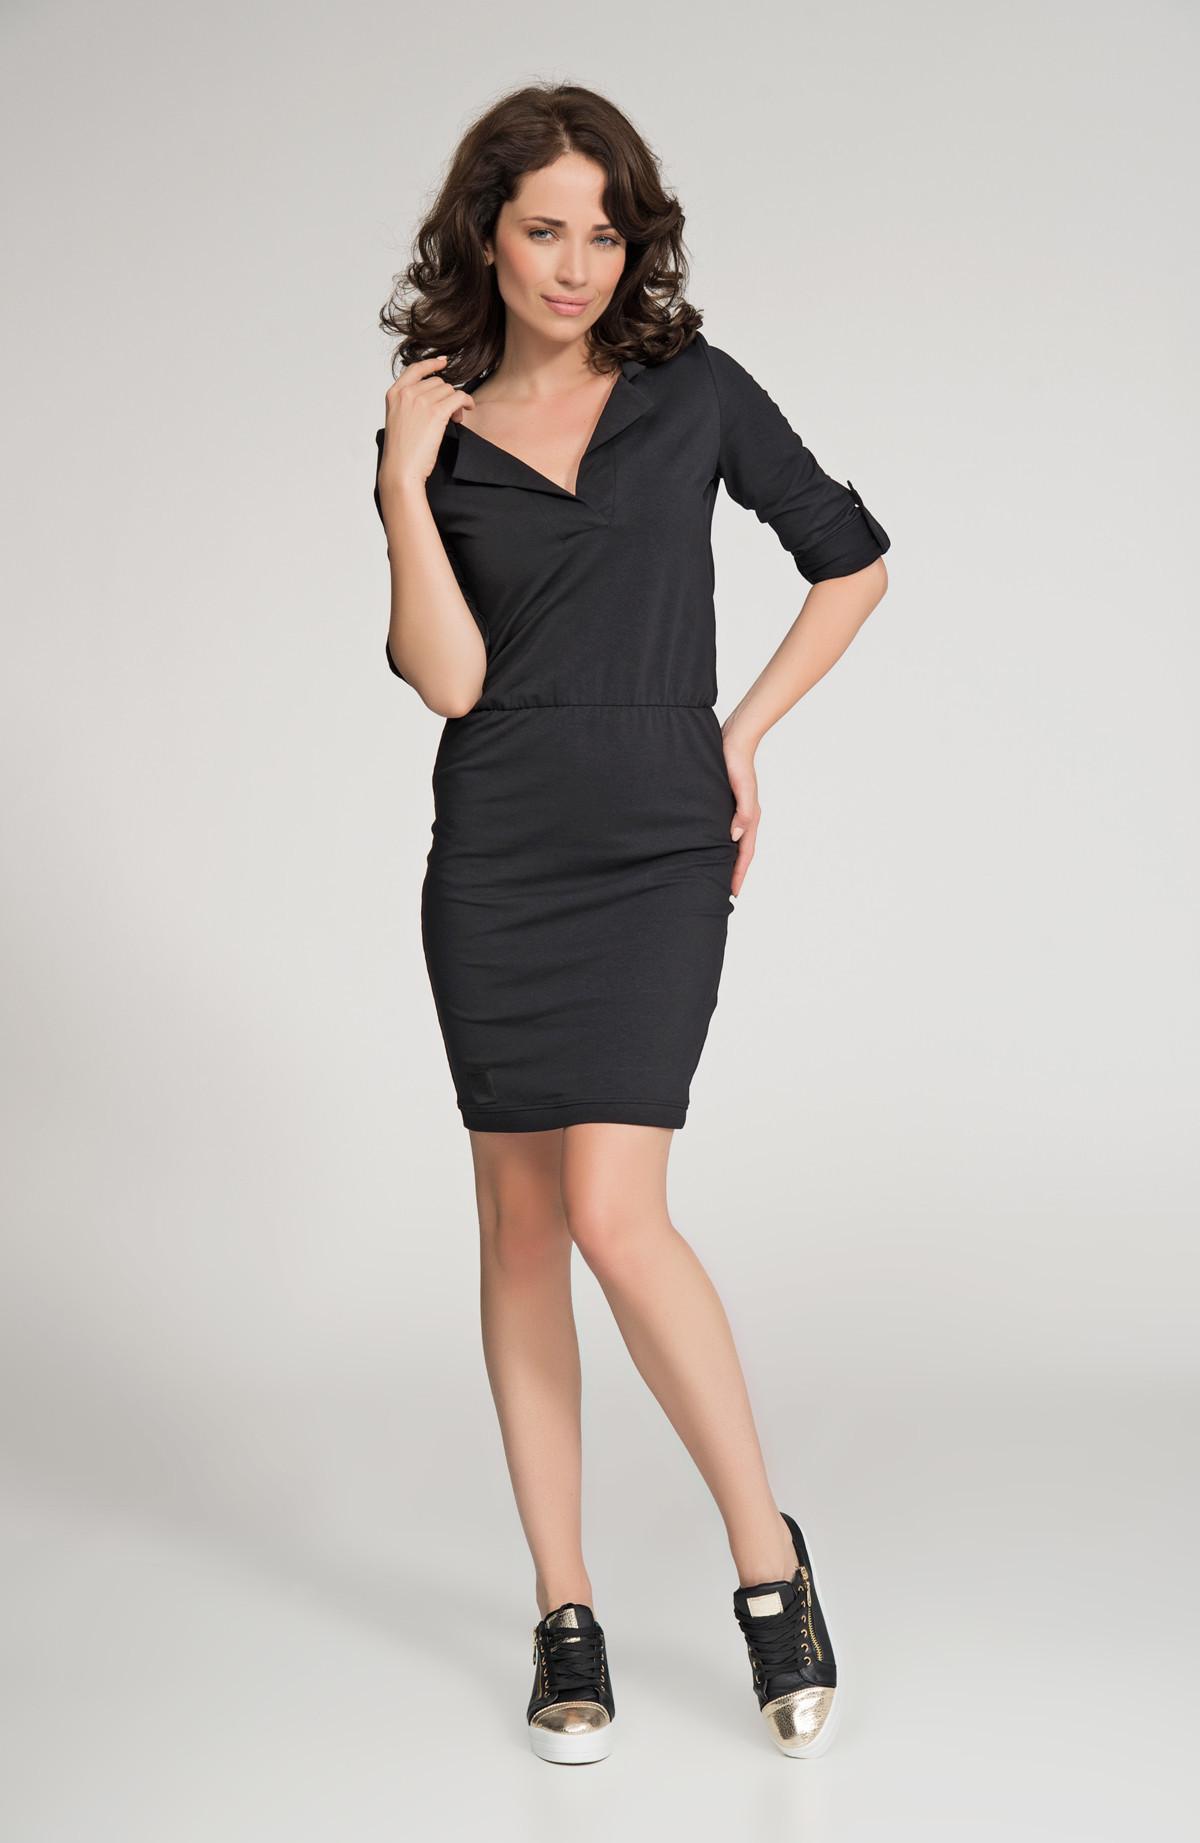 Dámske šaty značkové voľnočasové čierne - Čierna - Numinou černá 42